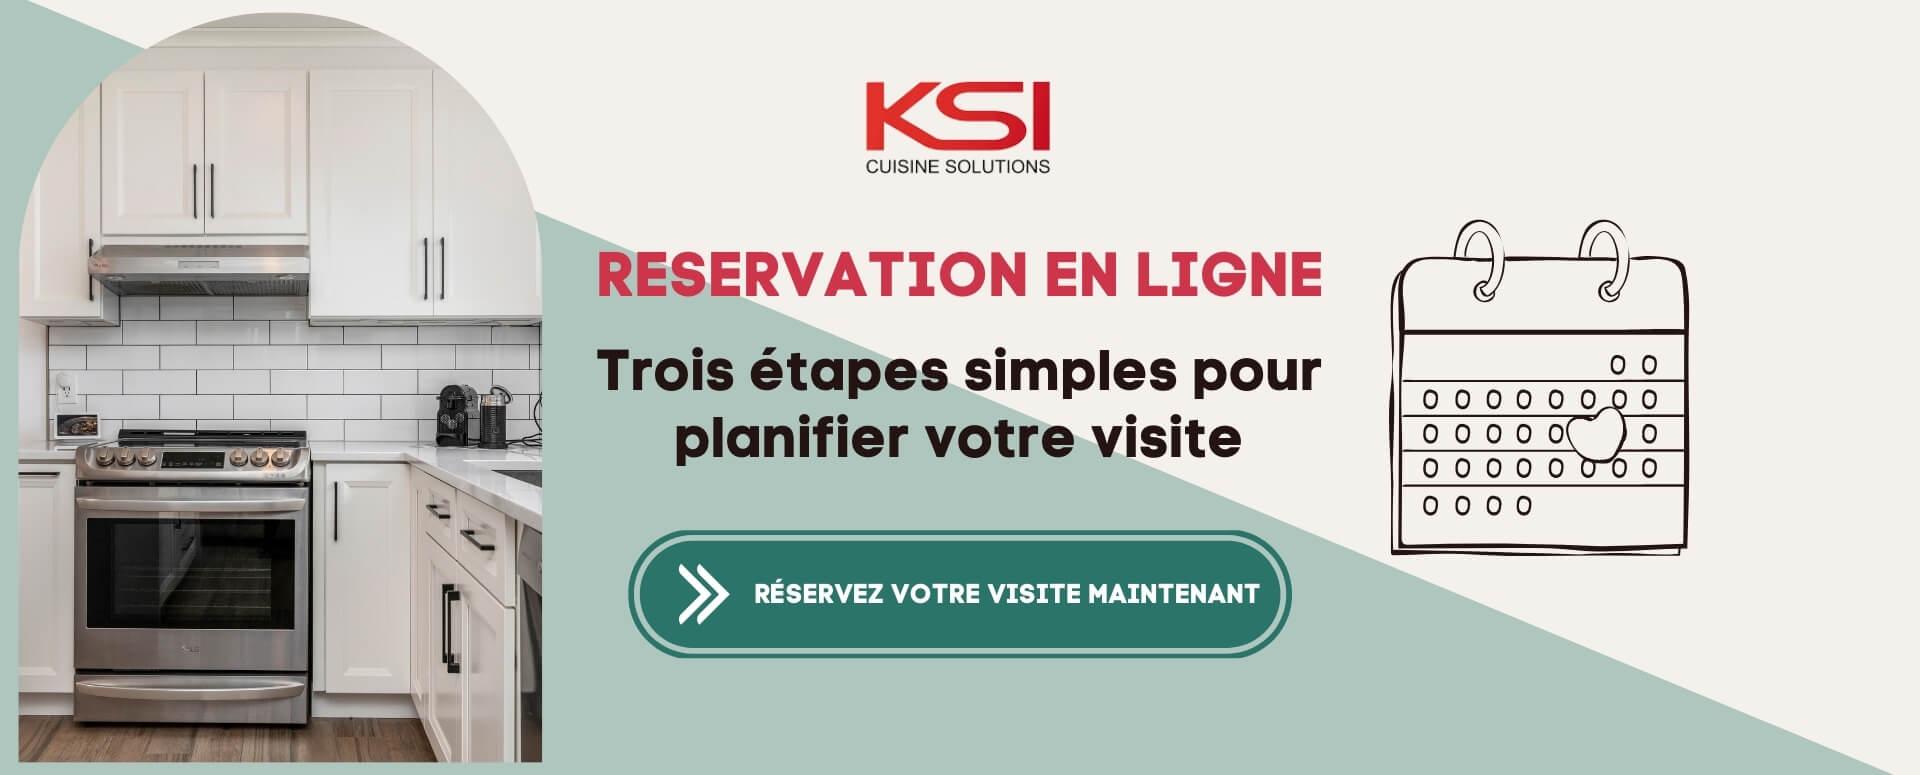 KSI Reservation en ligne